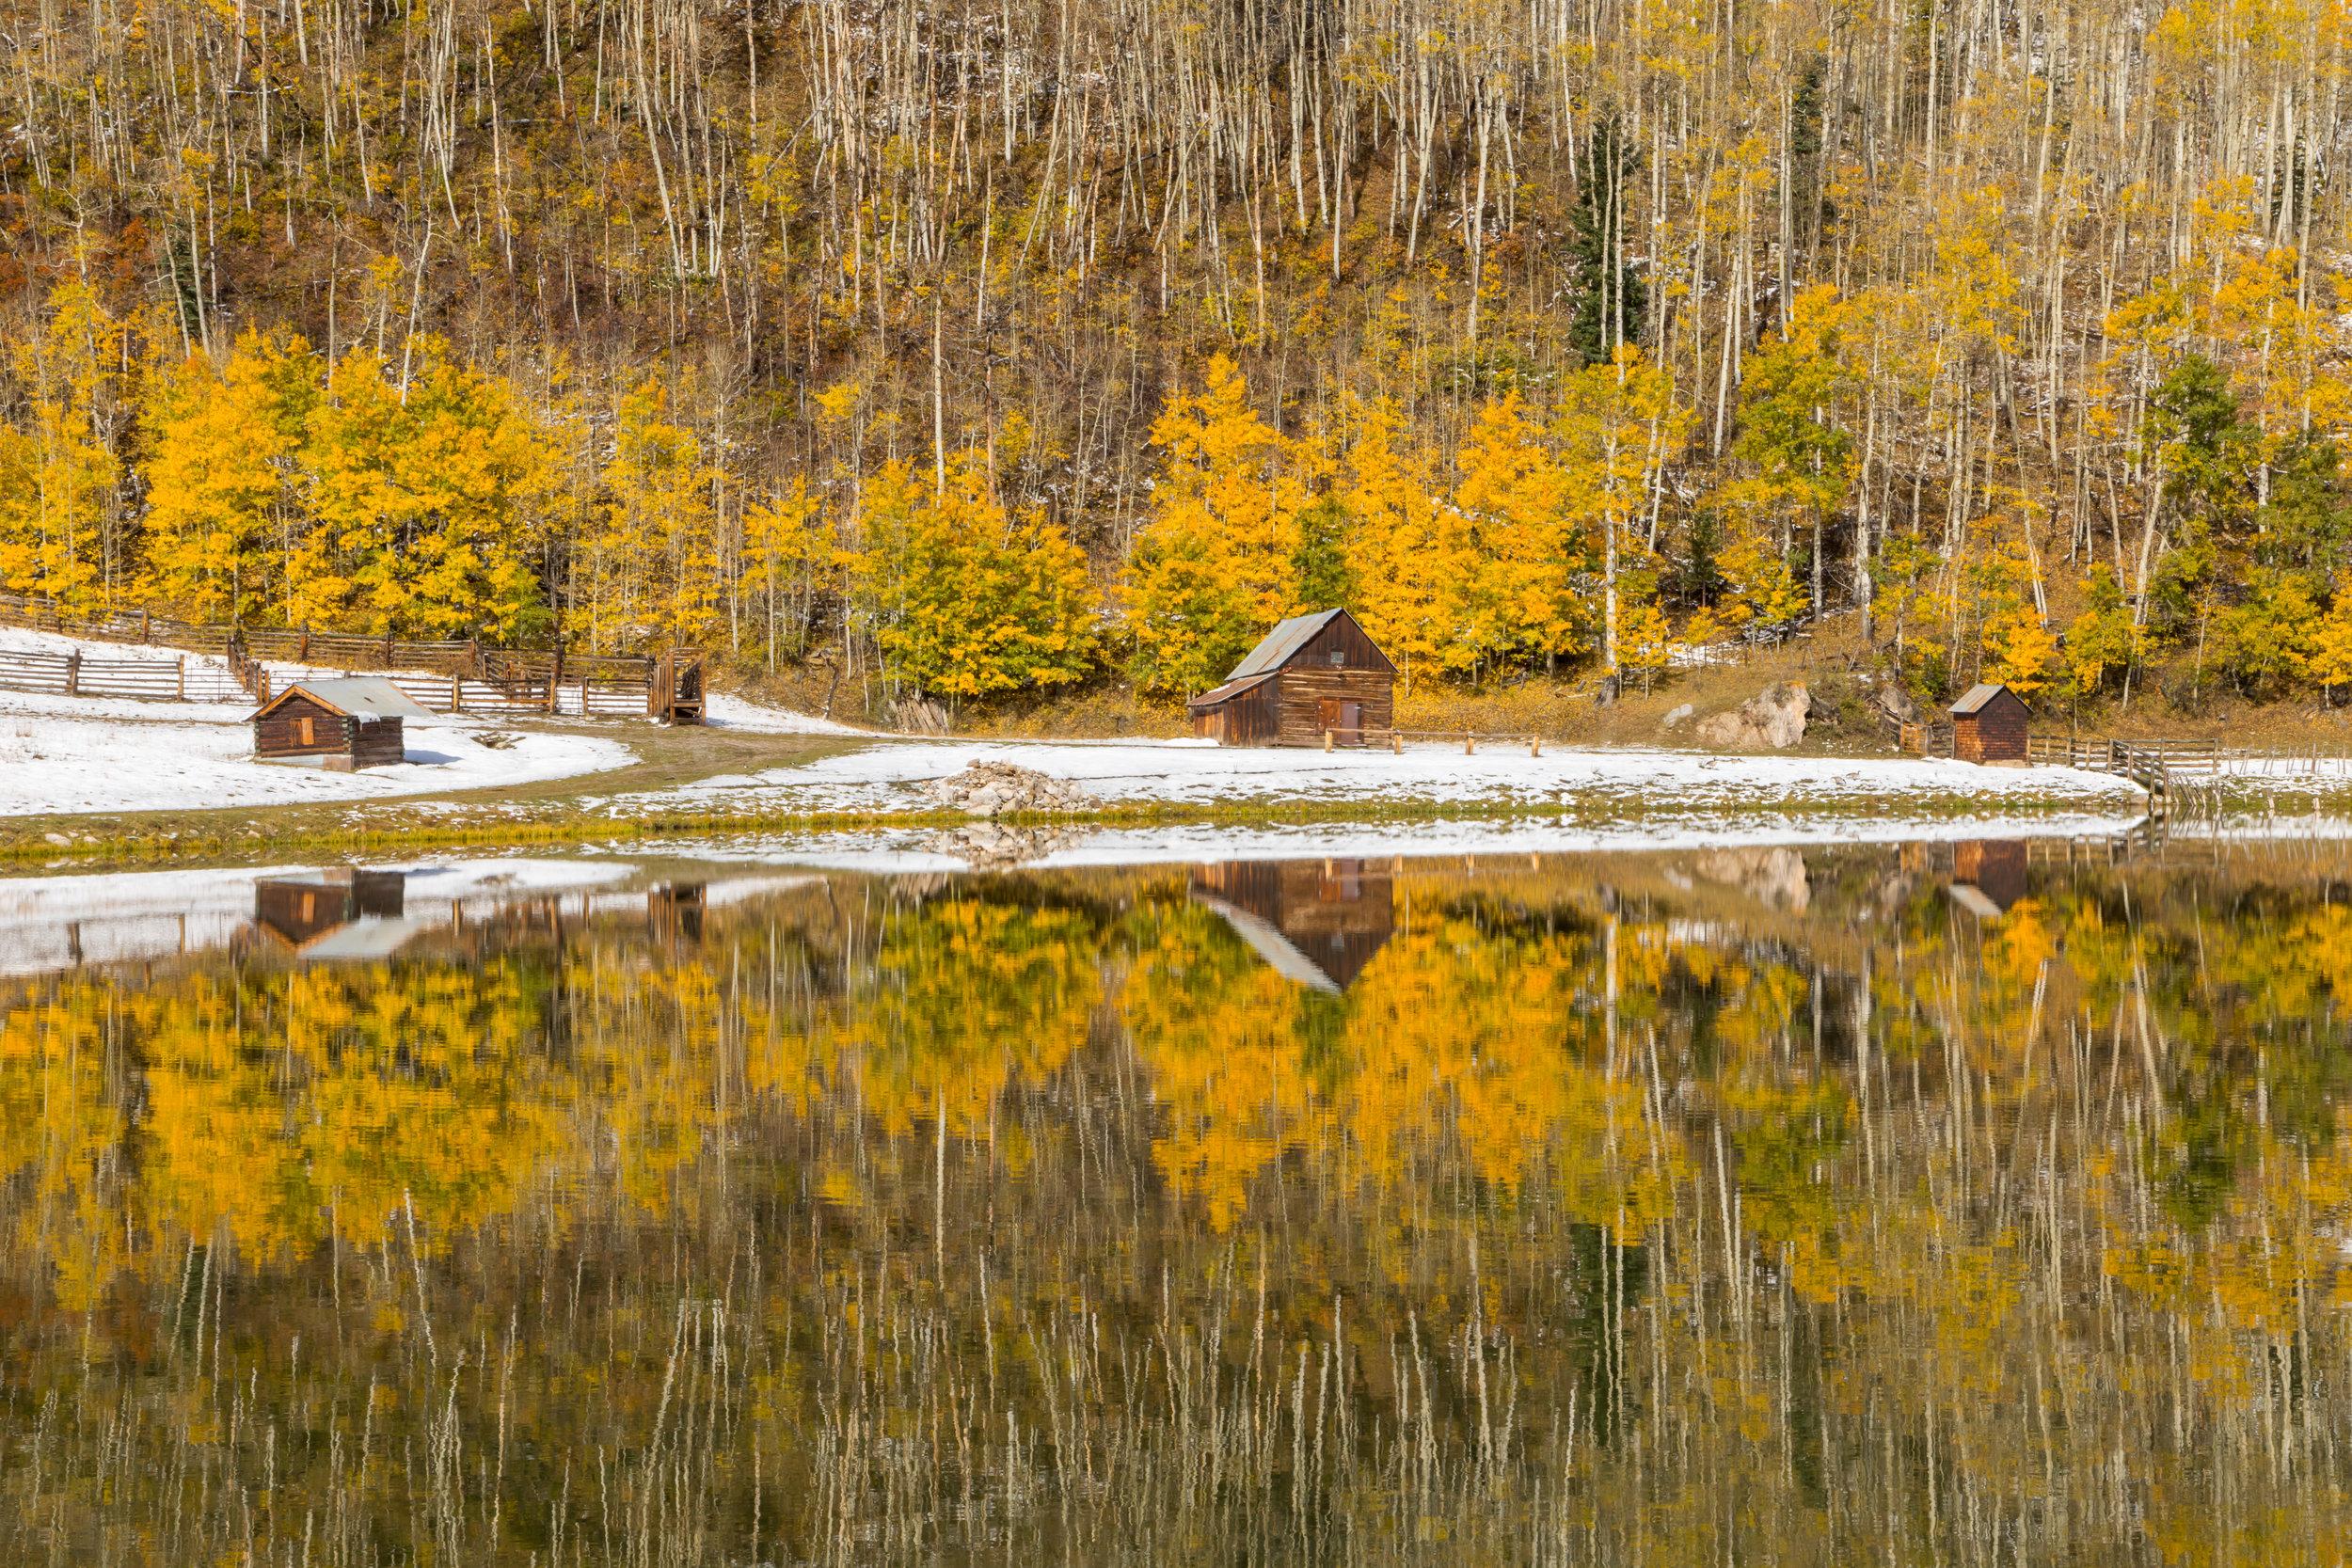 Hotter Pond, Image # 9836